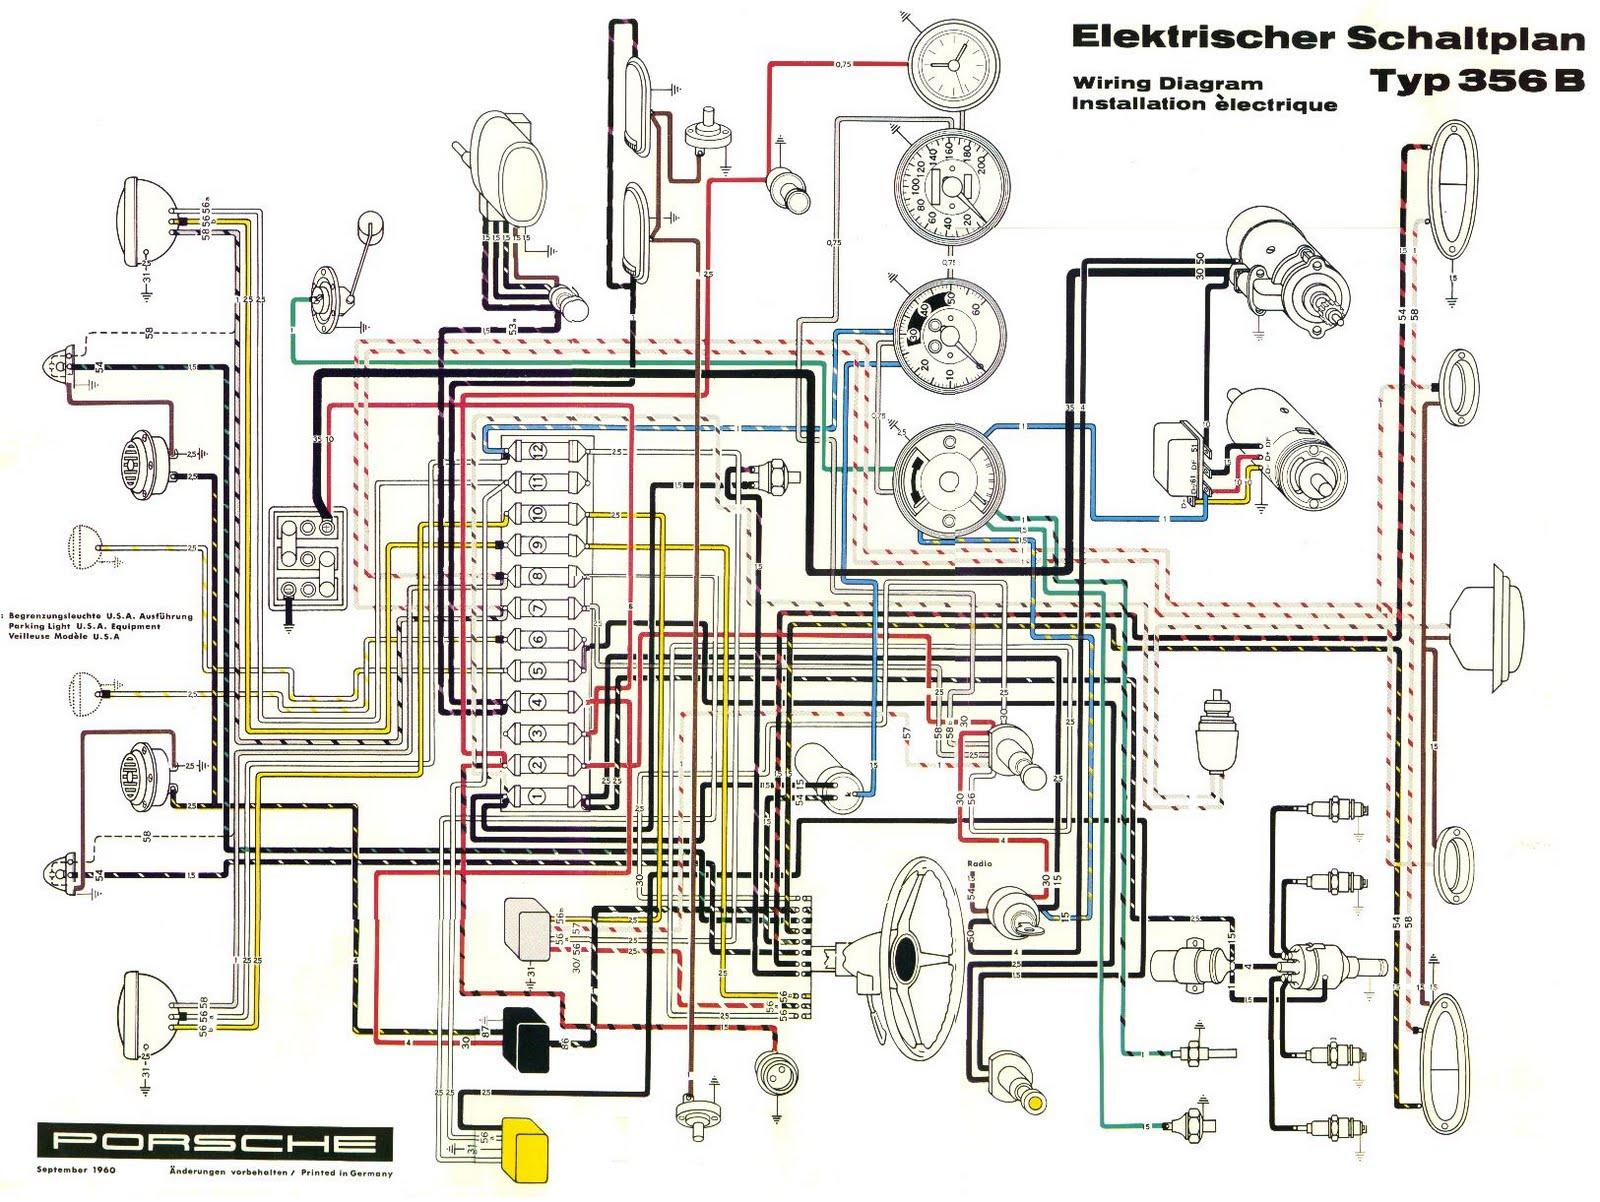 porsche wiring diagram wiring diagram rh gregmadison co Rheem Heat Pump Wiring Diagram 05 Crown Vic Fuel Injector Wiring Diagram